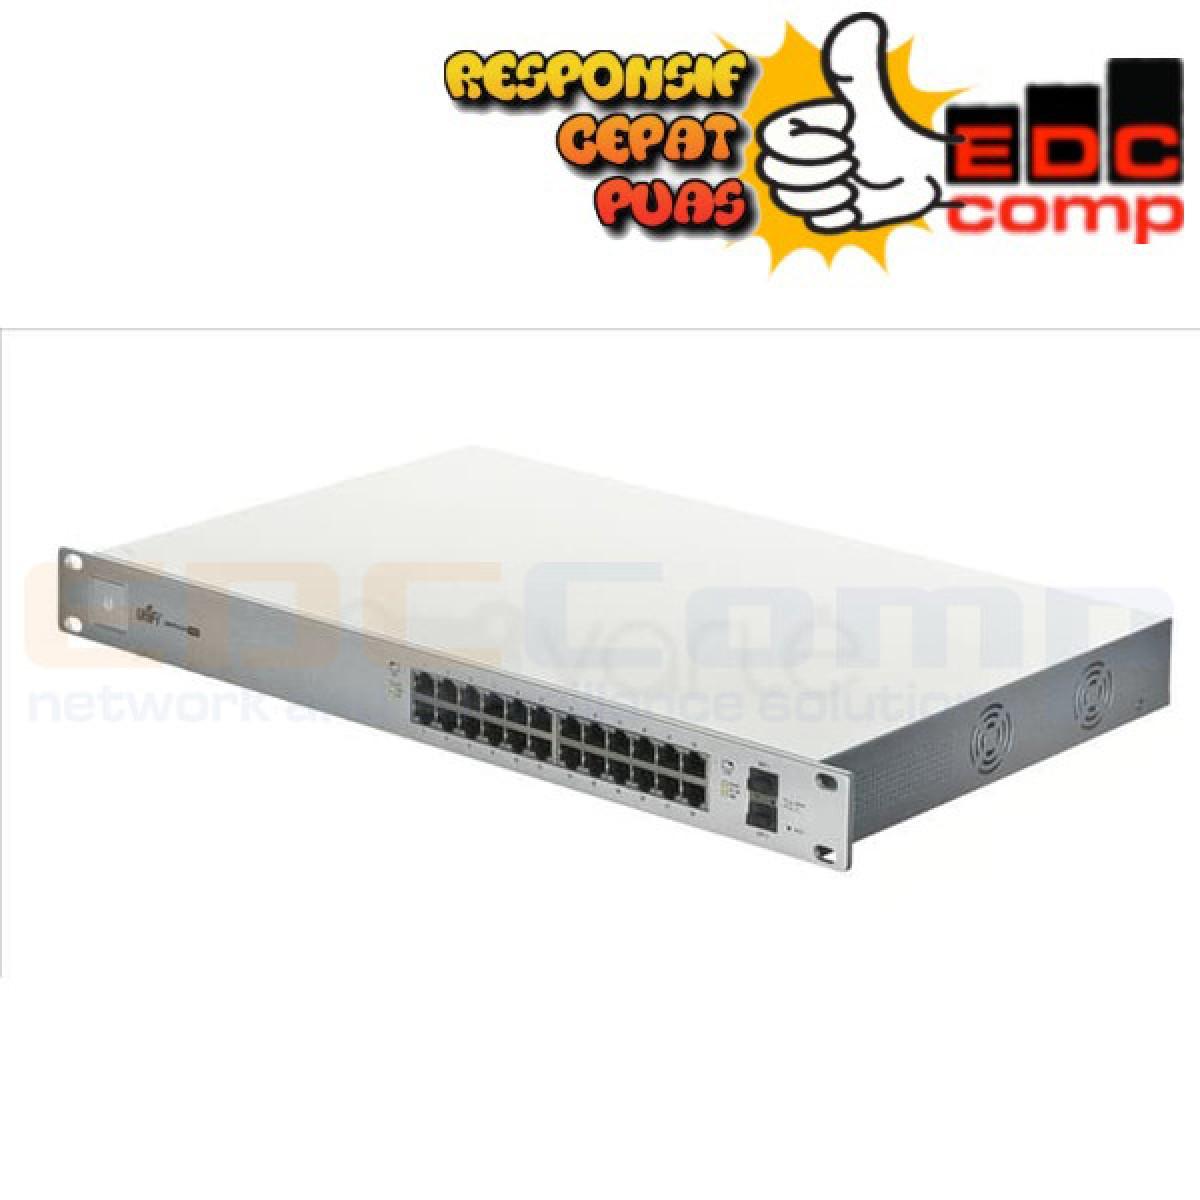 Ubiquiti Unifi Switch 24port 250W US-24-250W - EdcComp